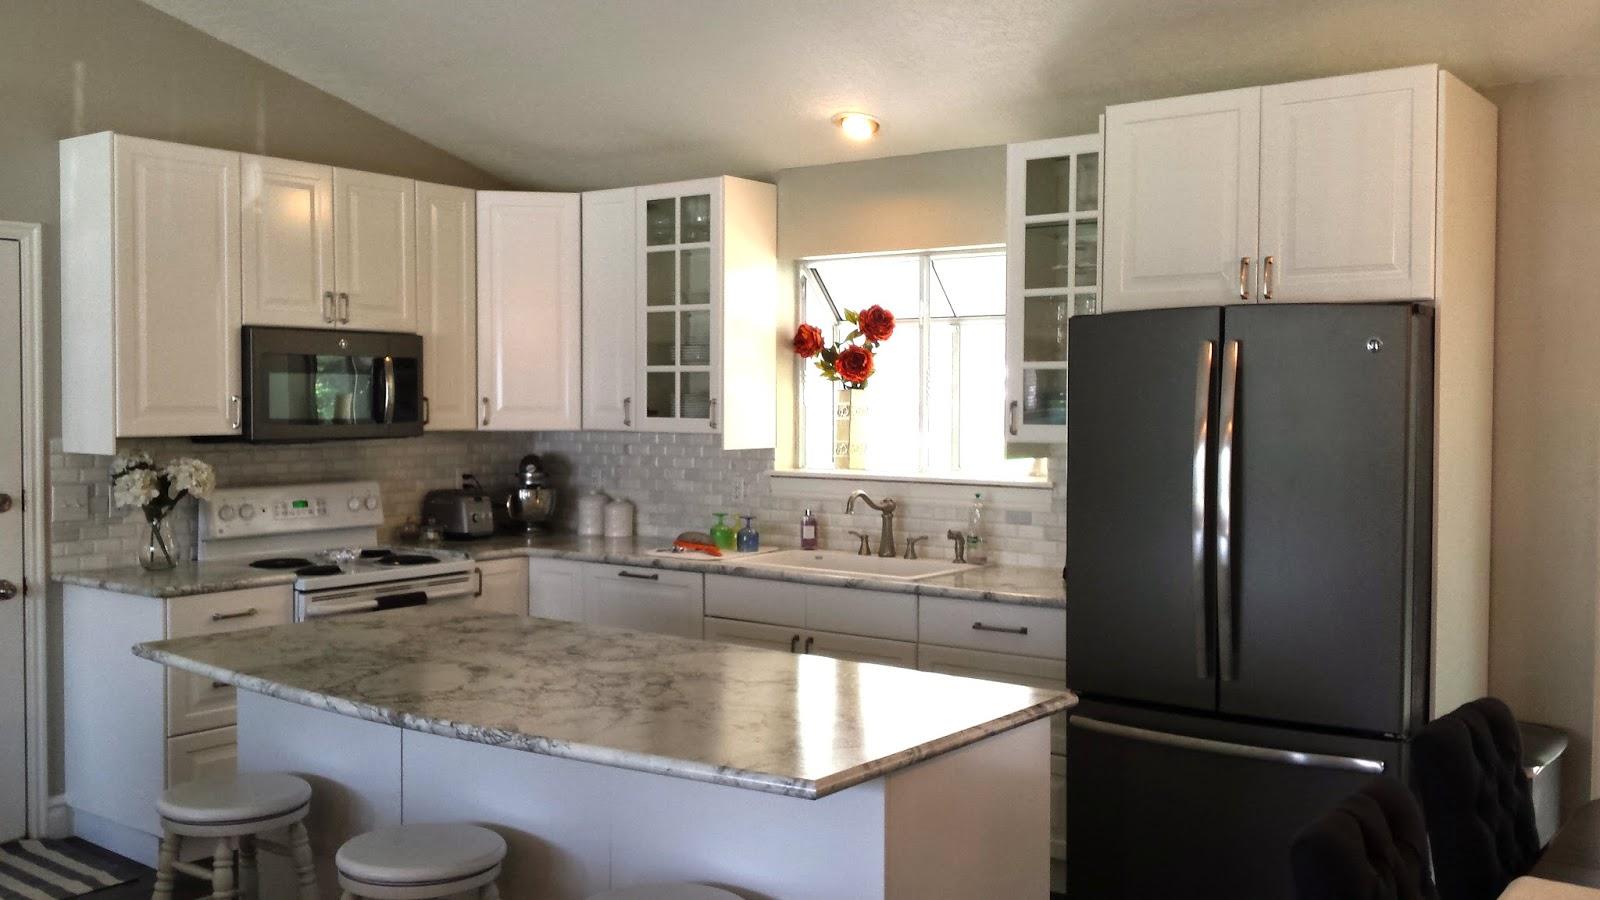 Designing greenland for Brammer kitchen cabinets